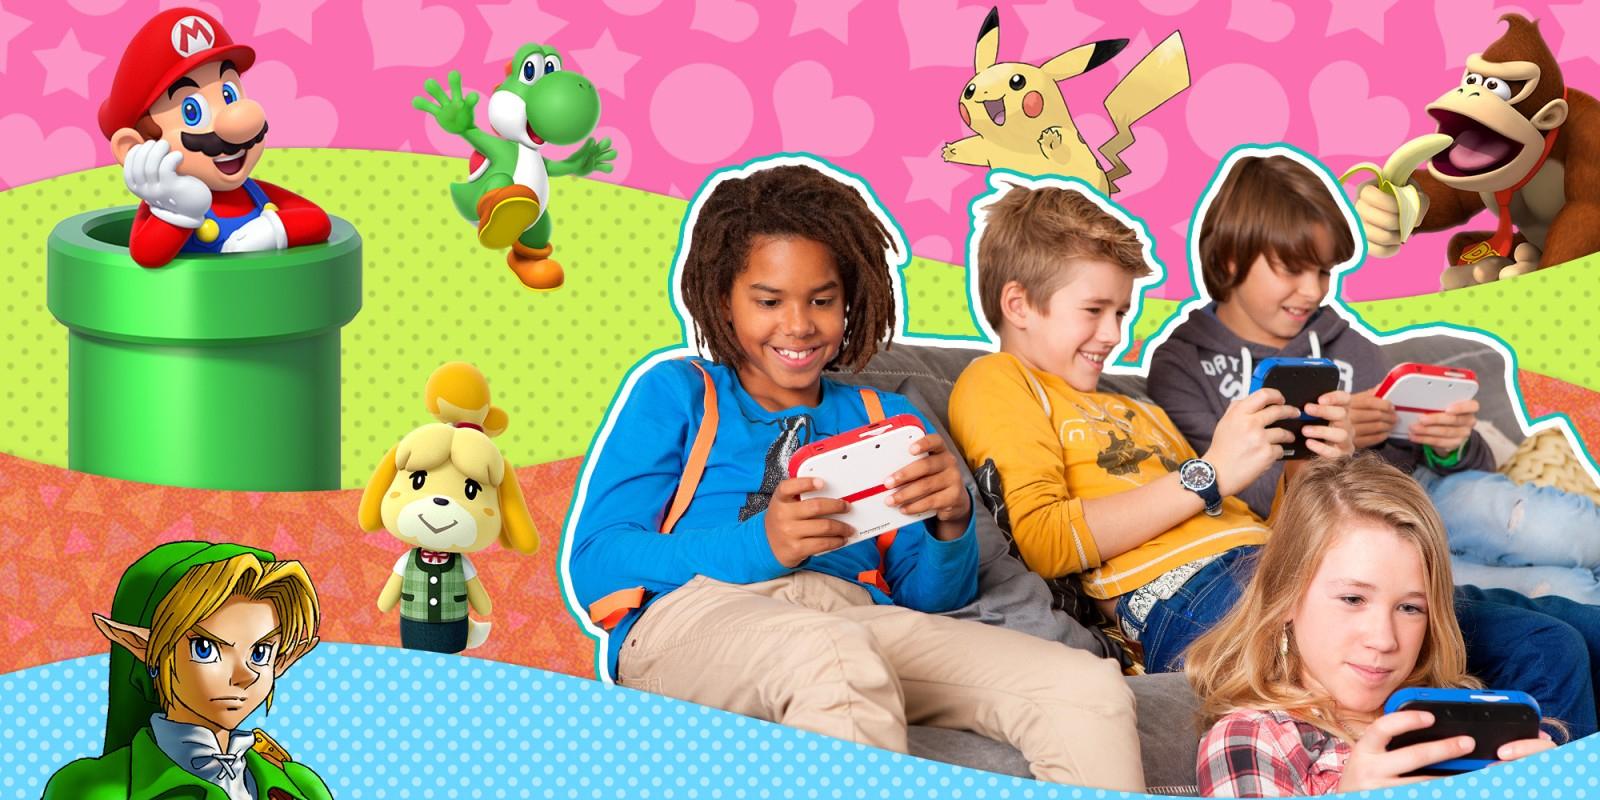 Jeux Nintendo Pour Les Enfants | Nintendo pour Jeux Pour Petite Fille De 4 Ans Gratuit